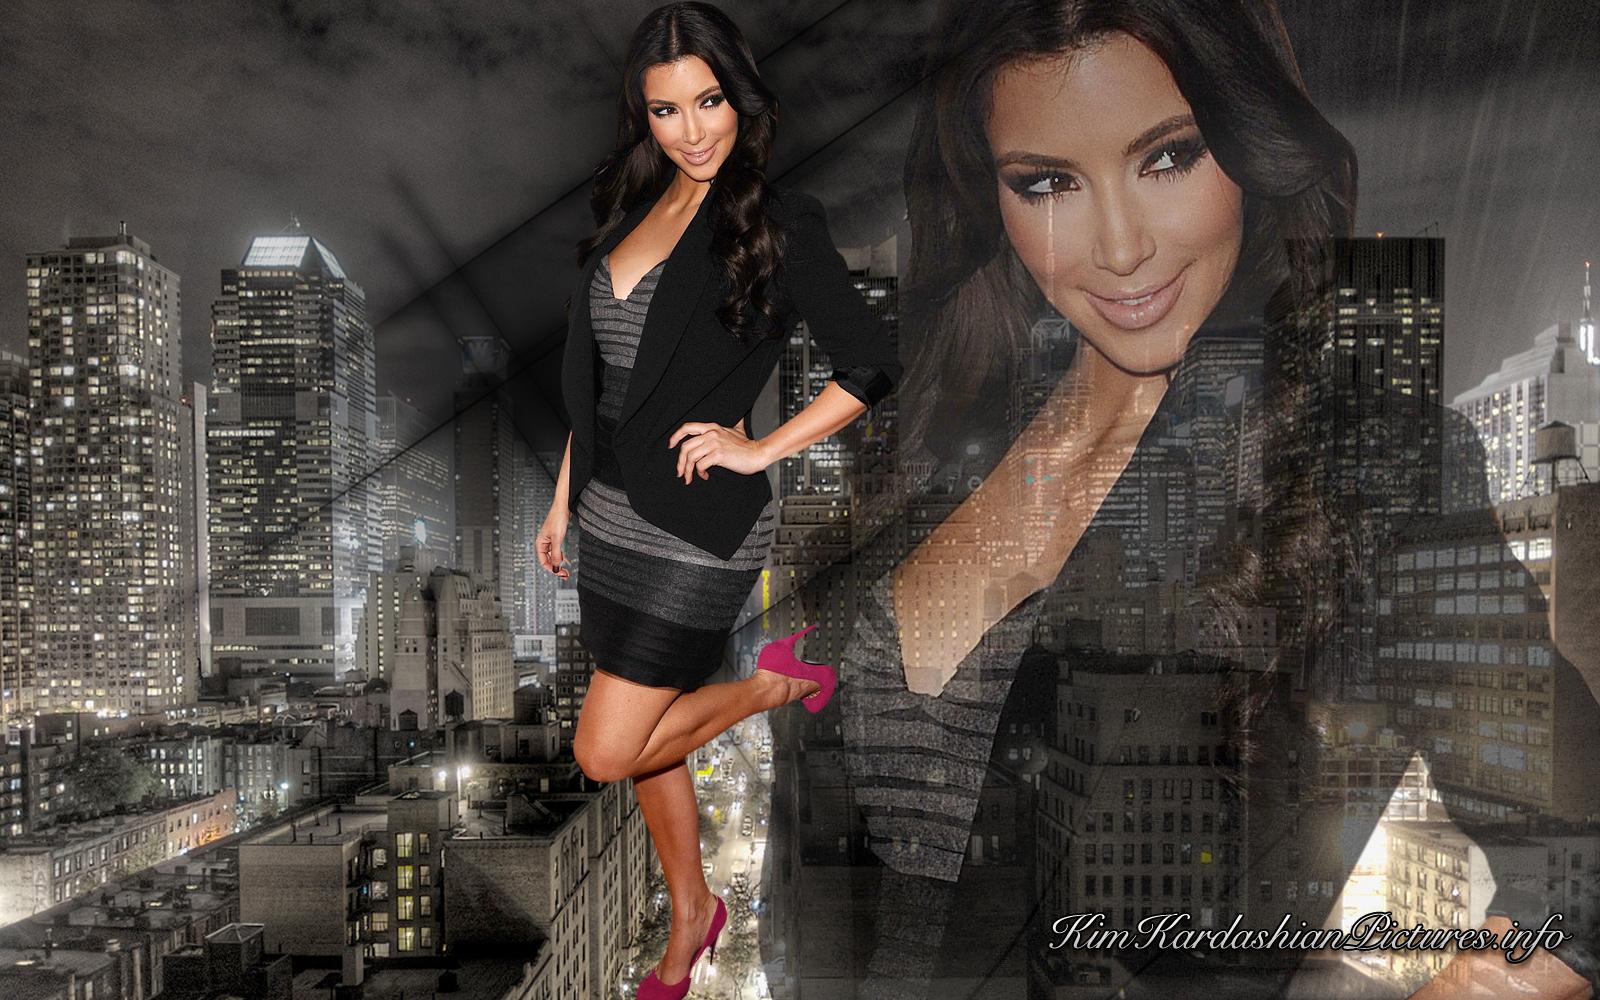 kim kardashian Wallpaper 1600x1000